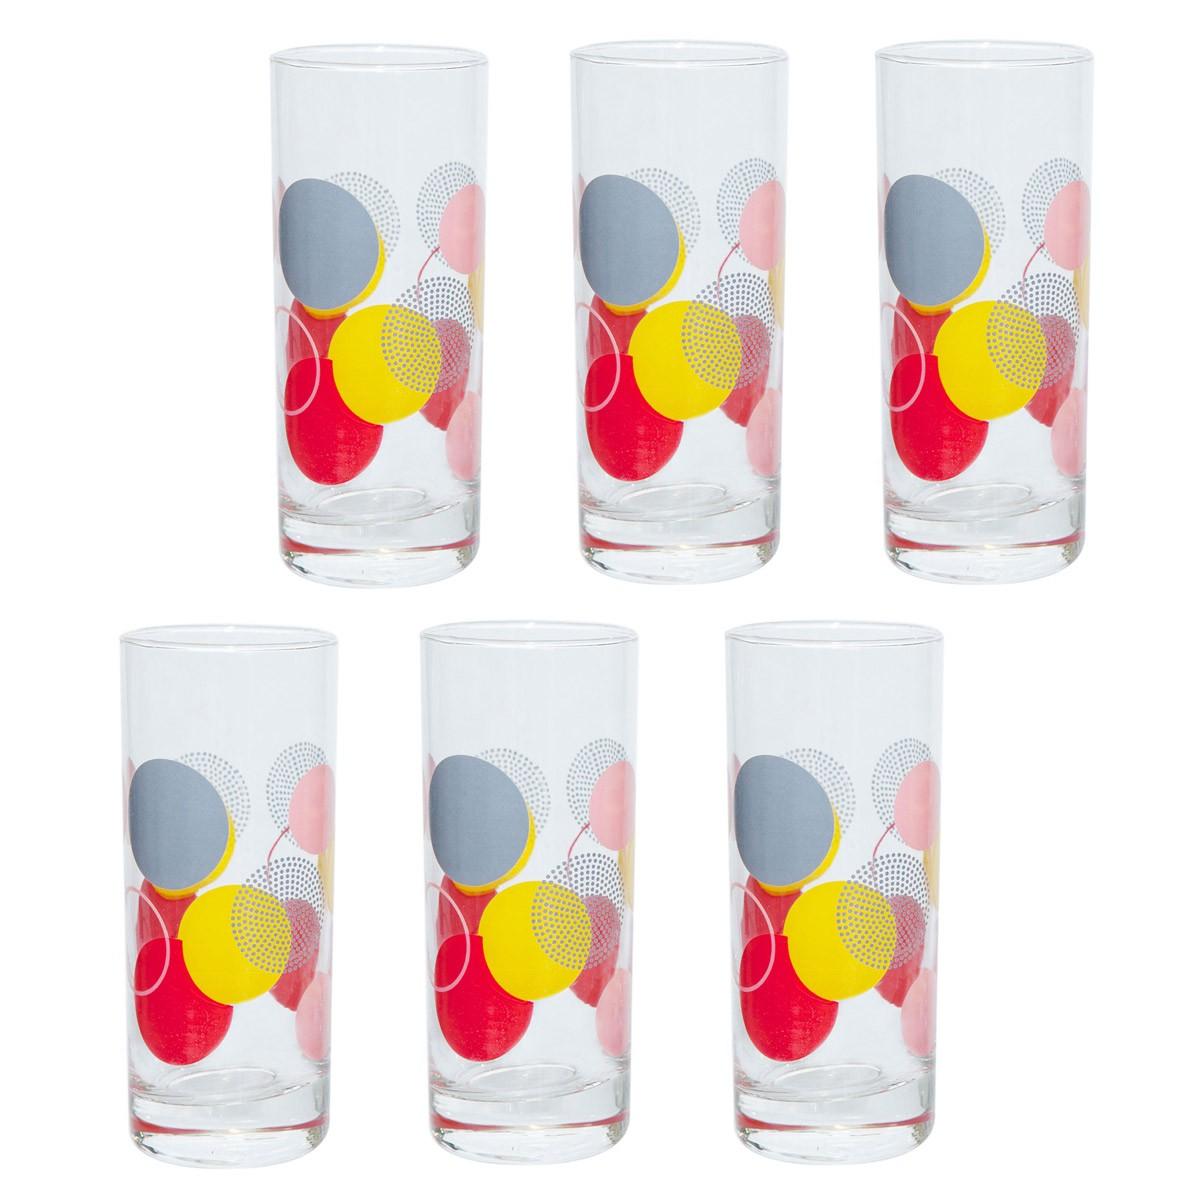 Ποτήρια Νερού (Σετ 6τμχ) Marva Circles 681006 home   κουζίνα   τραπεζαρία   ποτήρια